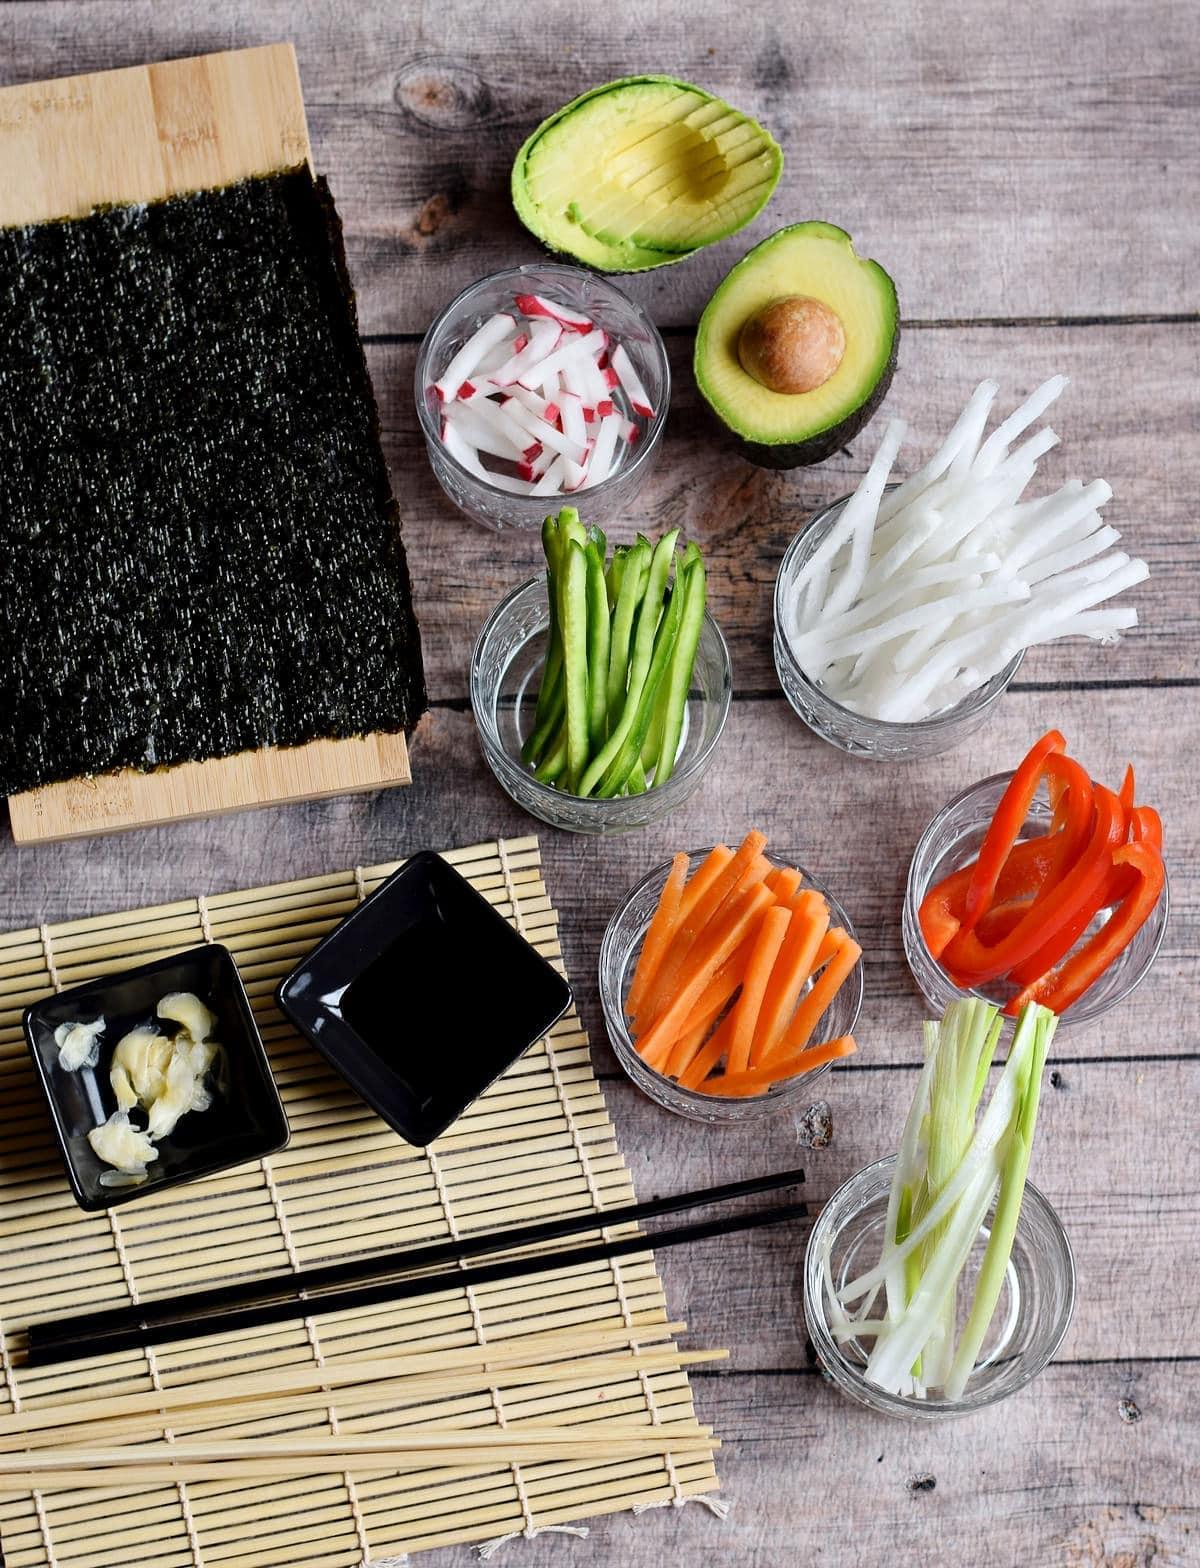 ingredients for veggie makizushi